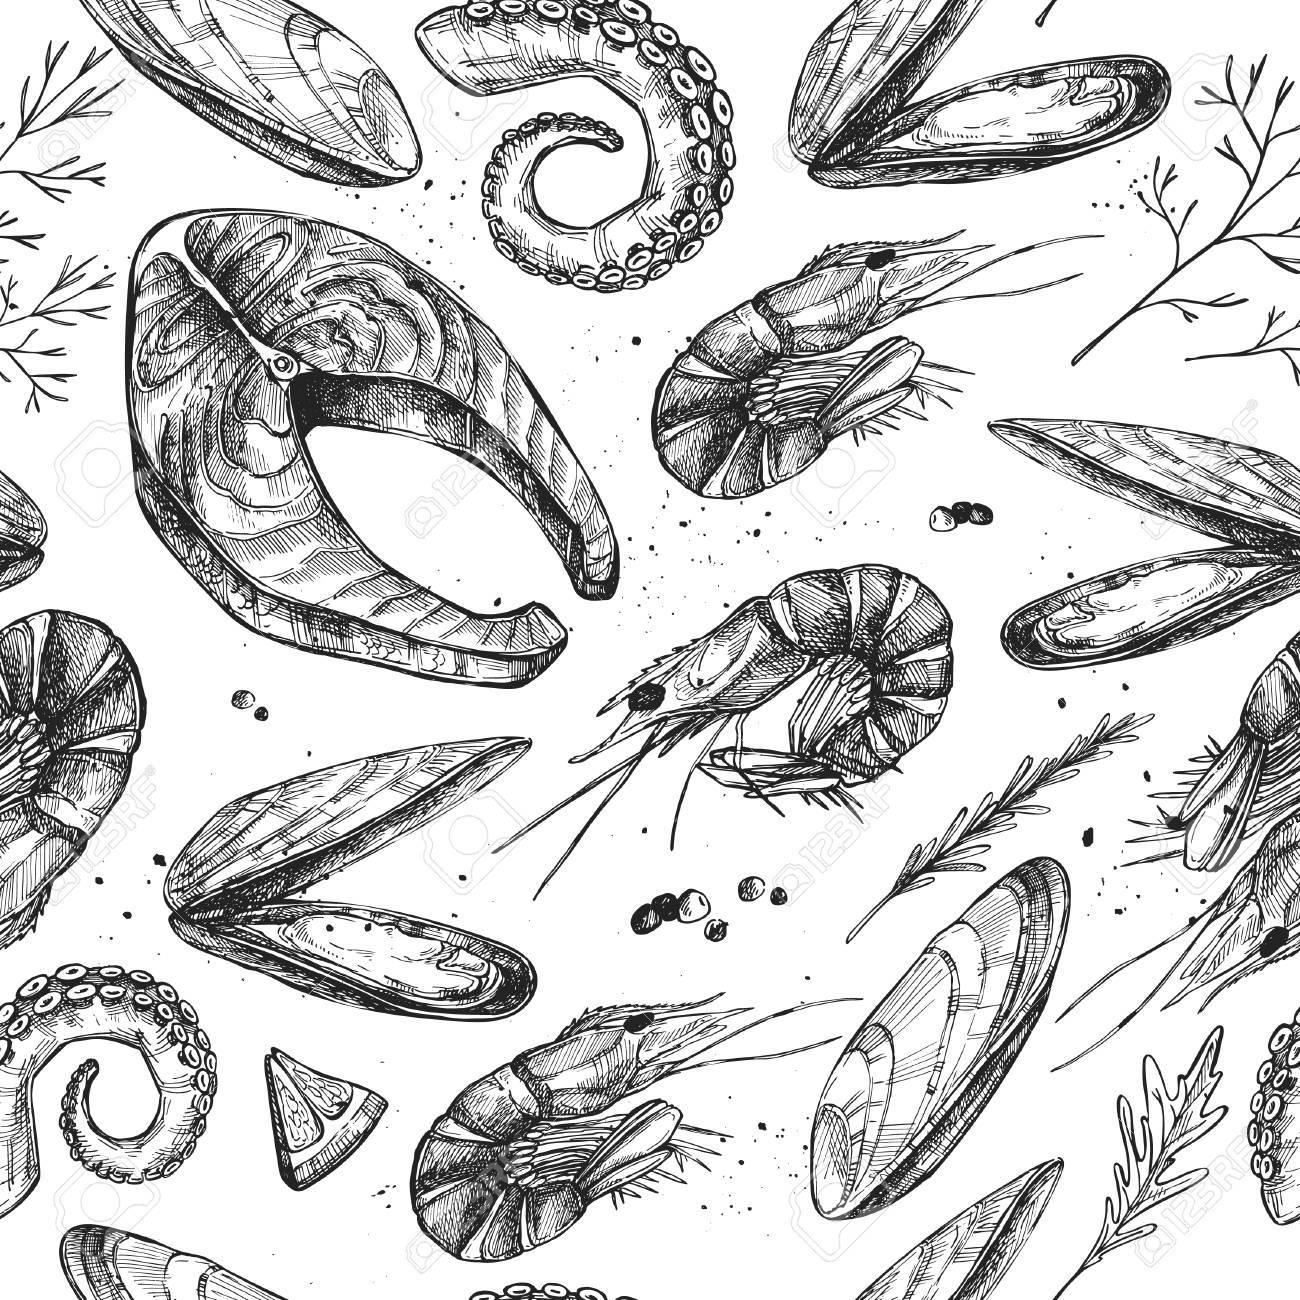 Mano Vector Dibujado - Patrones De Costura Con Mariscos (salmón ...